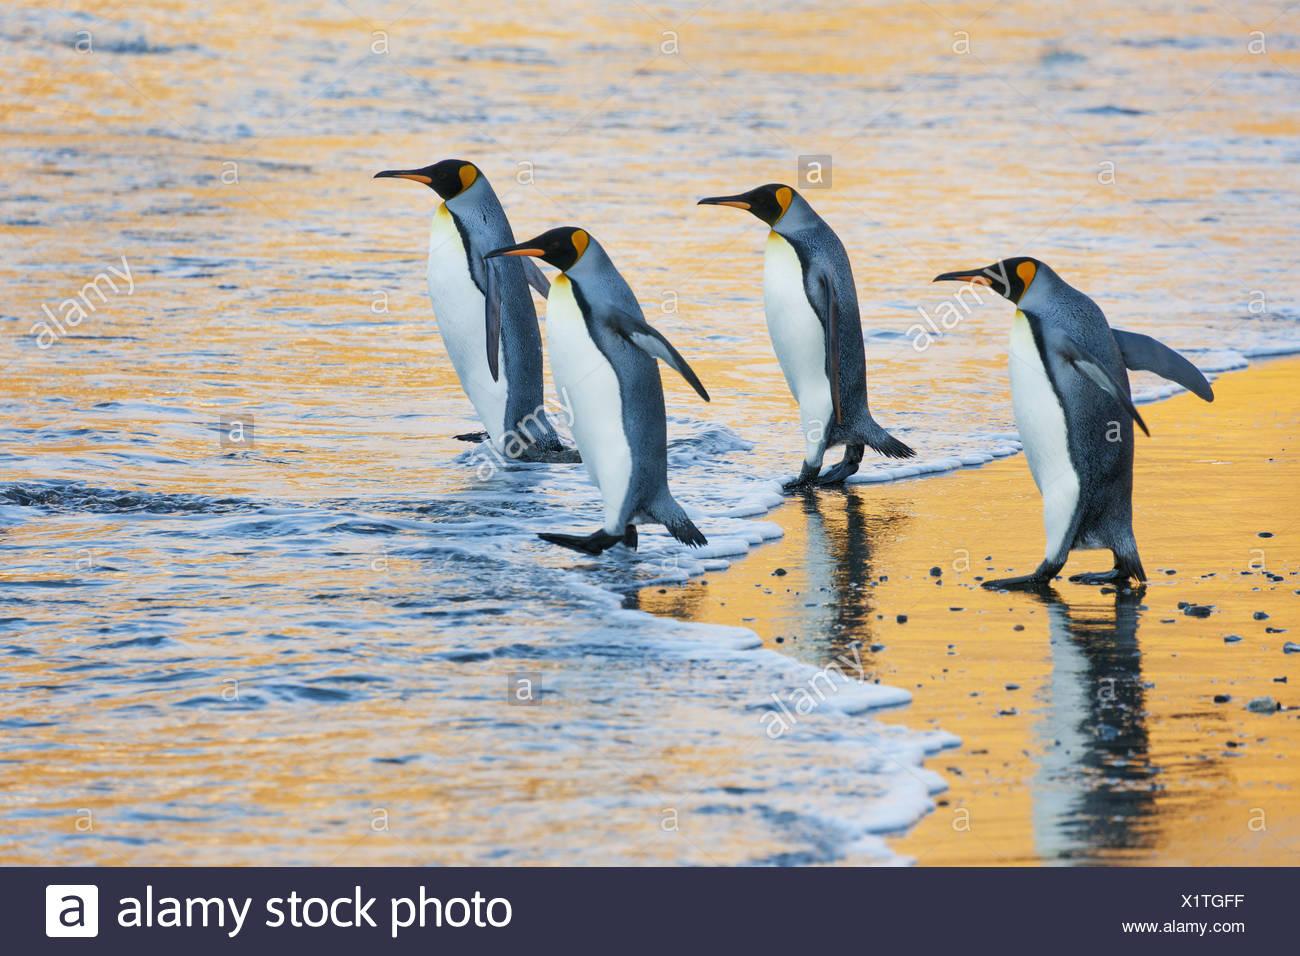 Eine Gruppe von vier Erwachsenen König Pinguine am Rand des Wassers zu Fuß ins Wasser bei Sonnenaufgang Reflected light Stockbild